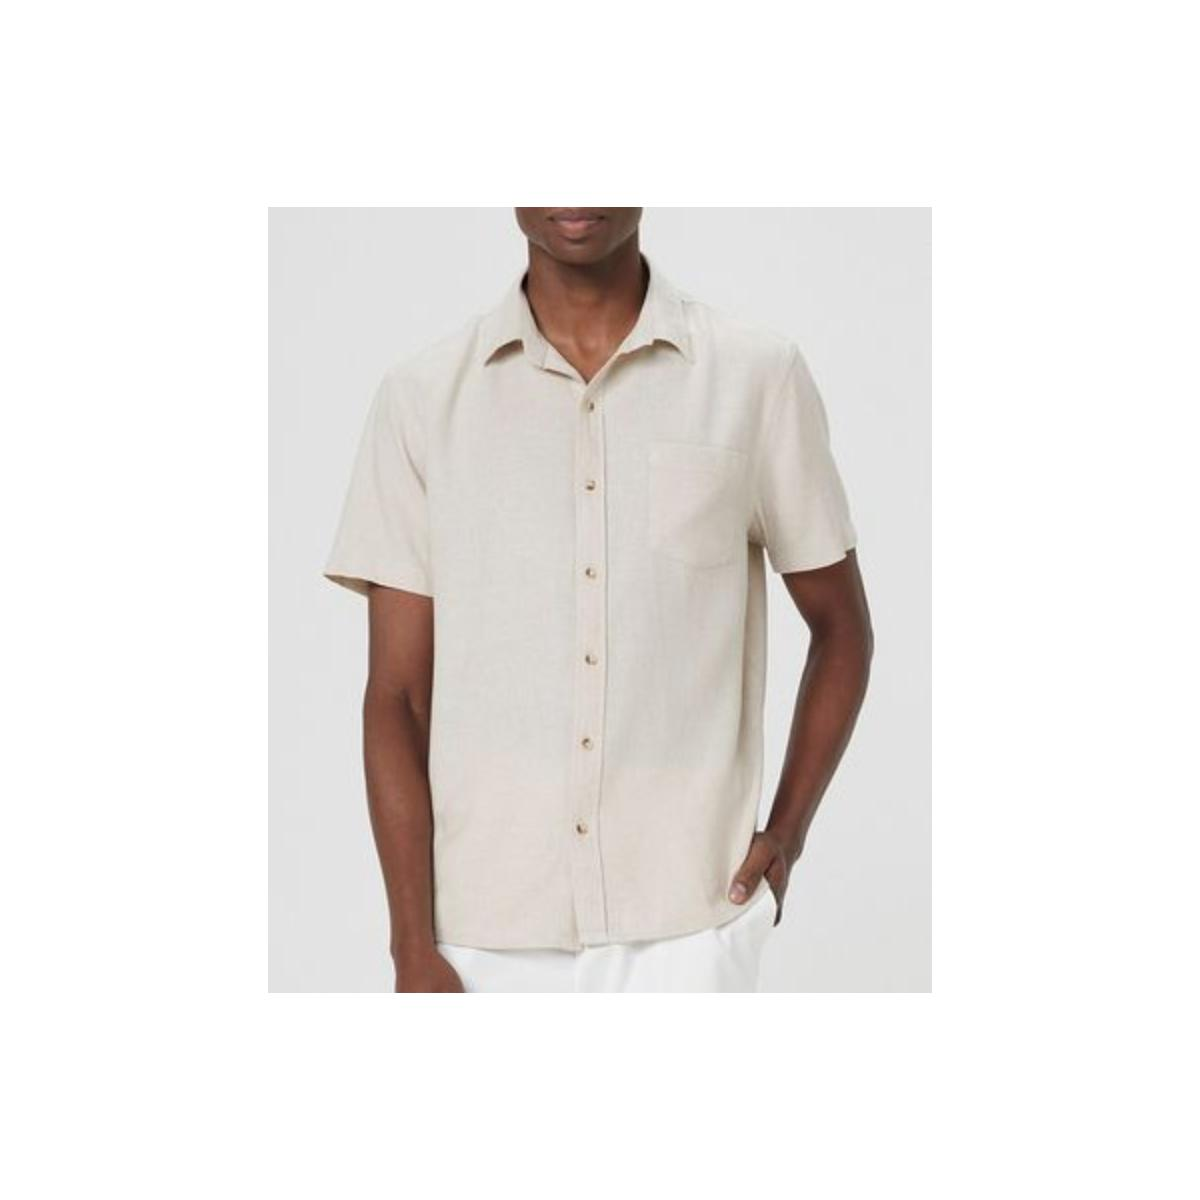 Camisa Masculina Hering K48r 1hsi  Bege